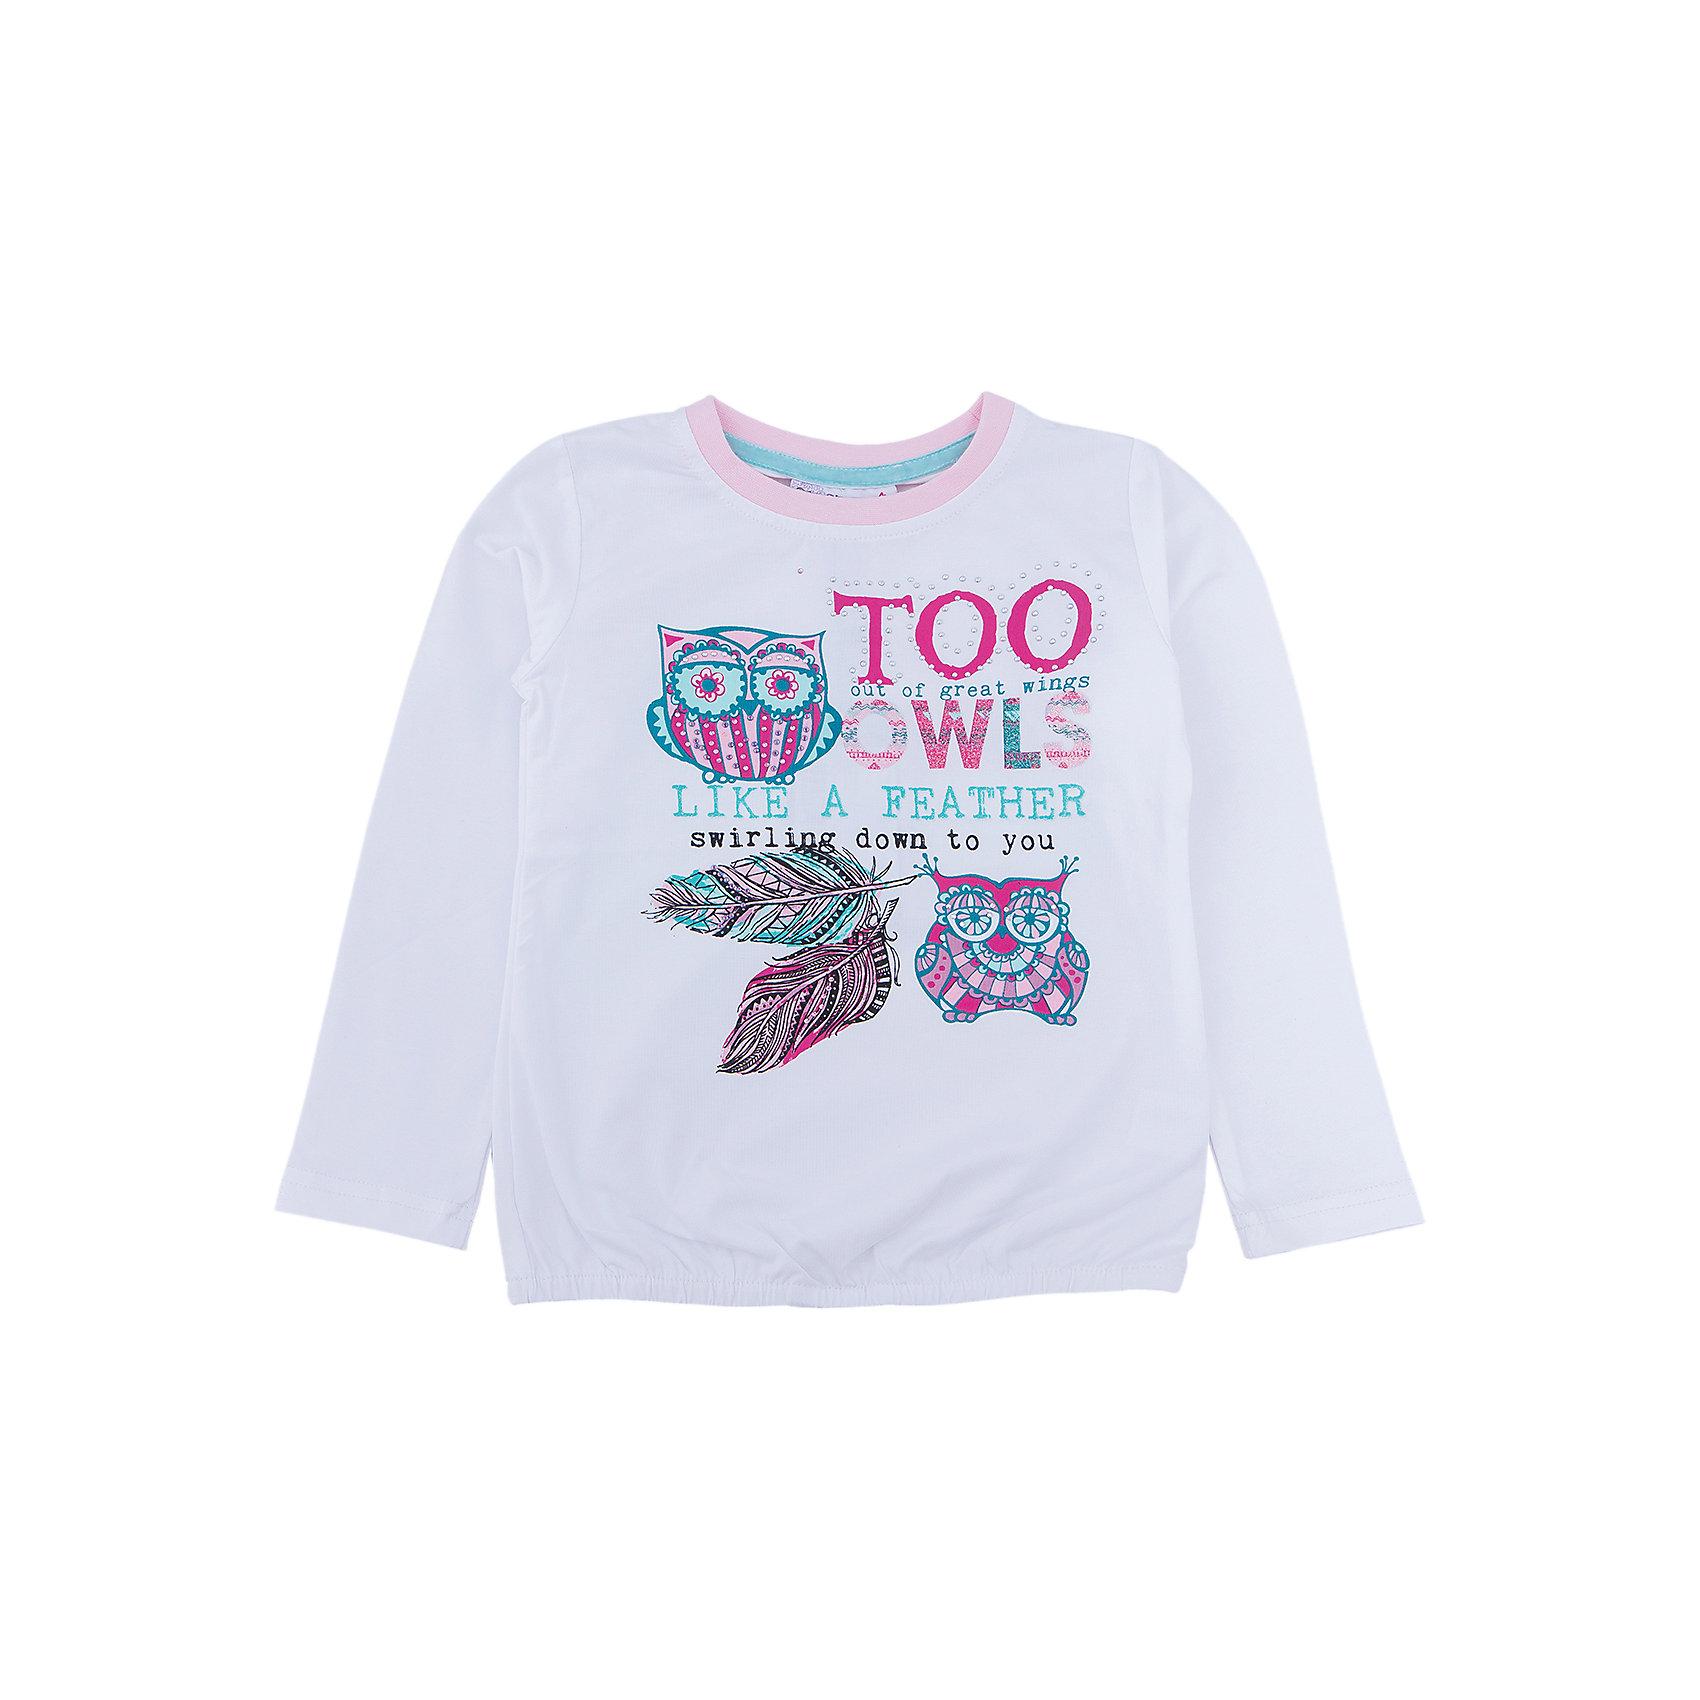 Футболка с длинным рукавом для девочки Sweet BerryТакая футболка с длинным рукавом для девочки отличается модным дизайном с ярким принтом. Удачный крой обеспечит ребенку комфорт и тепло. Вещь плотно прилегает к телу там, где нужно, и отлично сидит по фигуре.<br>Одежда от бренда Sweet Berry - это простой и выгодный способ одеть ребенка удобно и стильно. Всё изделия тщательно проработаны: швы - прочные, материал - качественный, фурнитура - подобранная специально для детей. <br><br>Дополнительная информация:<br><br>цвет: белый;<br>материал: 95% хлопок, 5% эластан;<br>декорирована принтом.<br><br>Футболку с длинным рукавом для девочки от бренда Sweet Berry можно купить в нашем интернет-магазине.<br><br>Ширина мм: 230<br>Глубина мм: 40<br>Высота мм: 220<br>Вес г: 250<br>Цвет: белый<br>Возраст от месяцев: 24<br>Возраст до месяцев: 36<br>Пол: Женский<br>Возраст: Детский<br>Размер: 98,104,110,116,122,128<br>SKU: 4931637